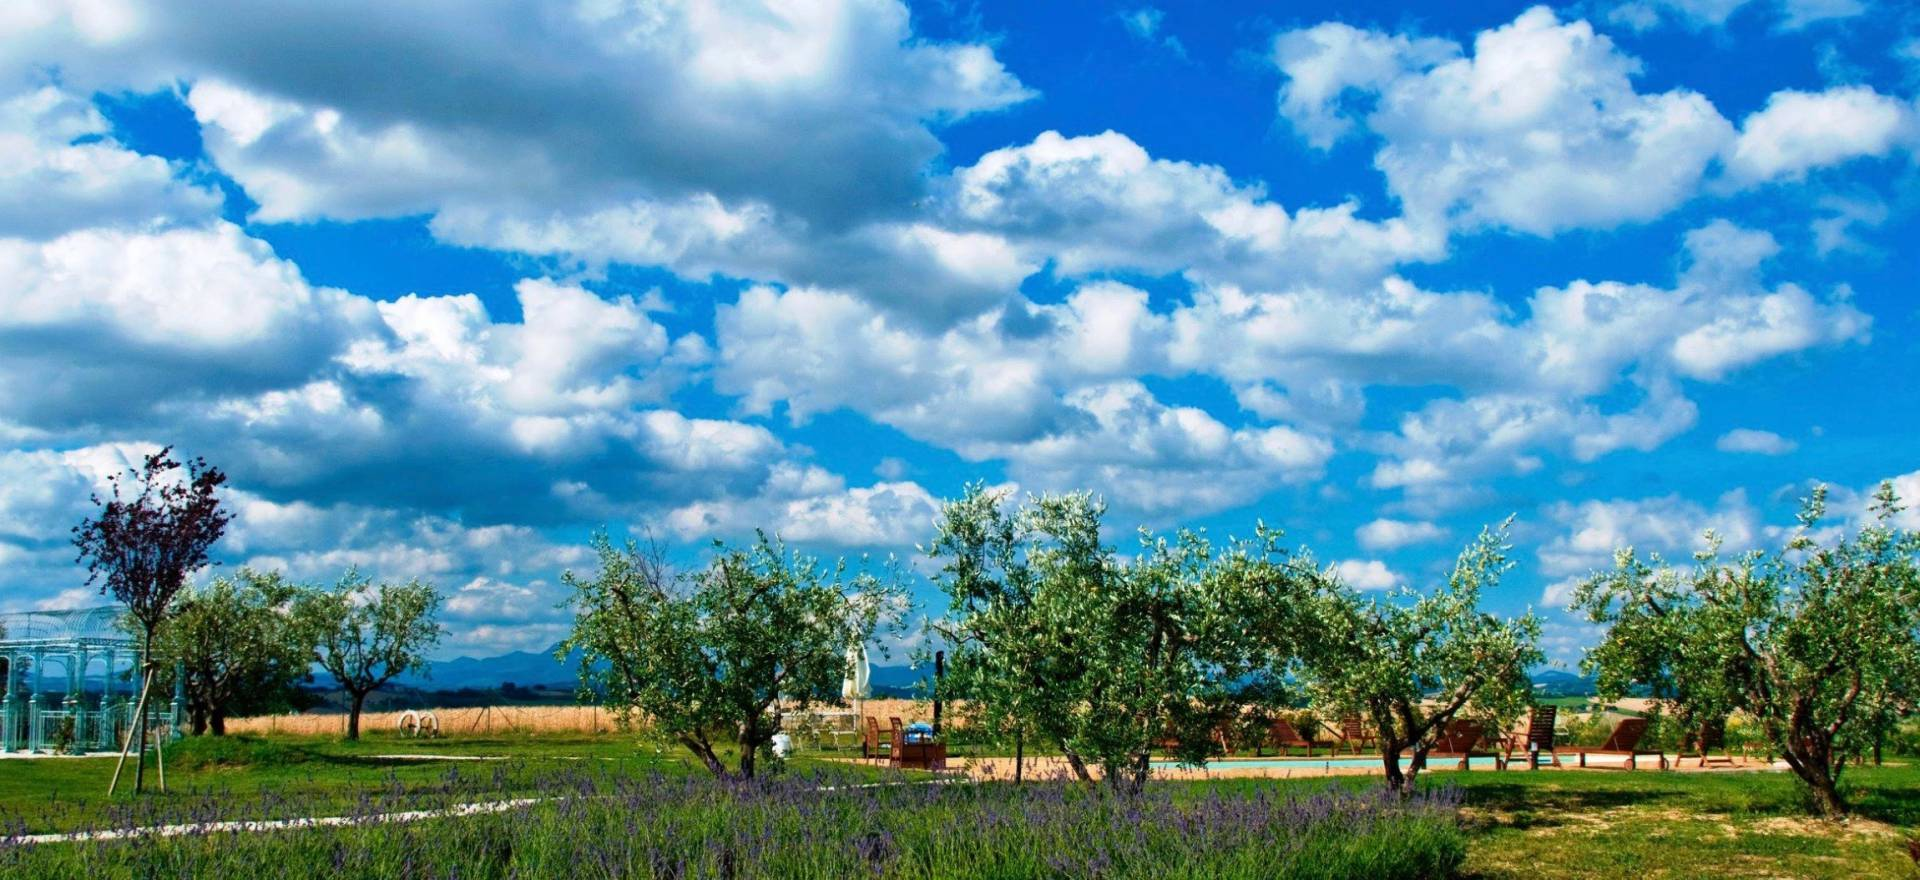 Agriturismo Marche Agriturismo Marche, camere belle e accoglienti